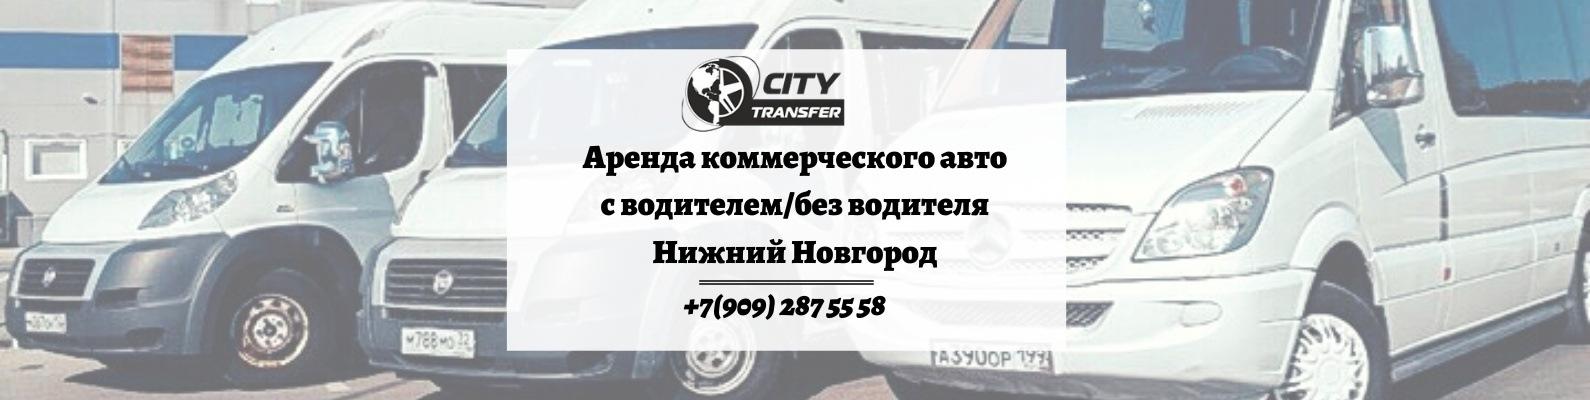 аренда машины на сутки в нижнем новгороде без водителя